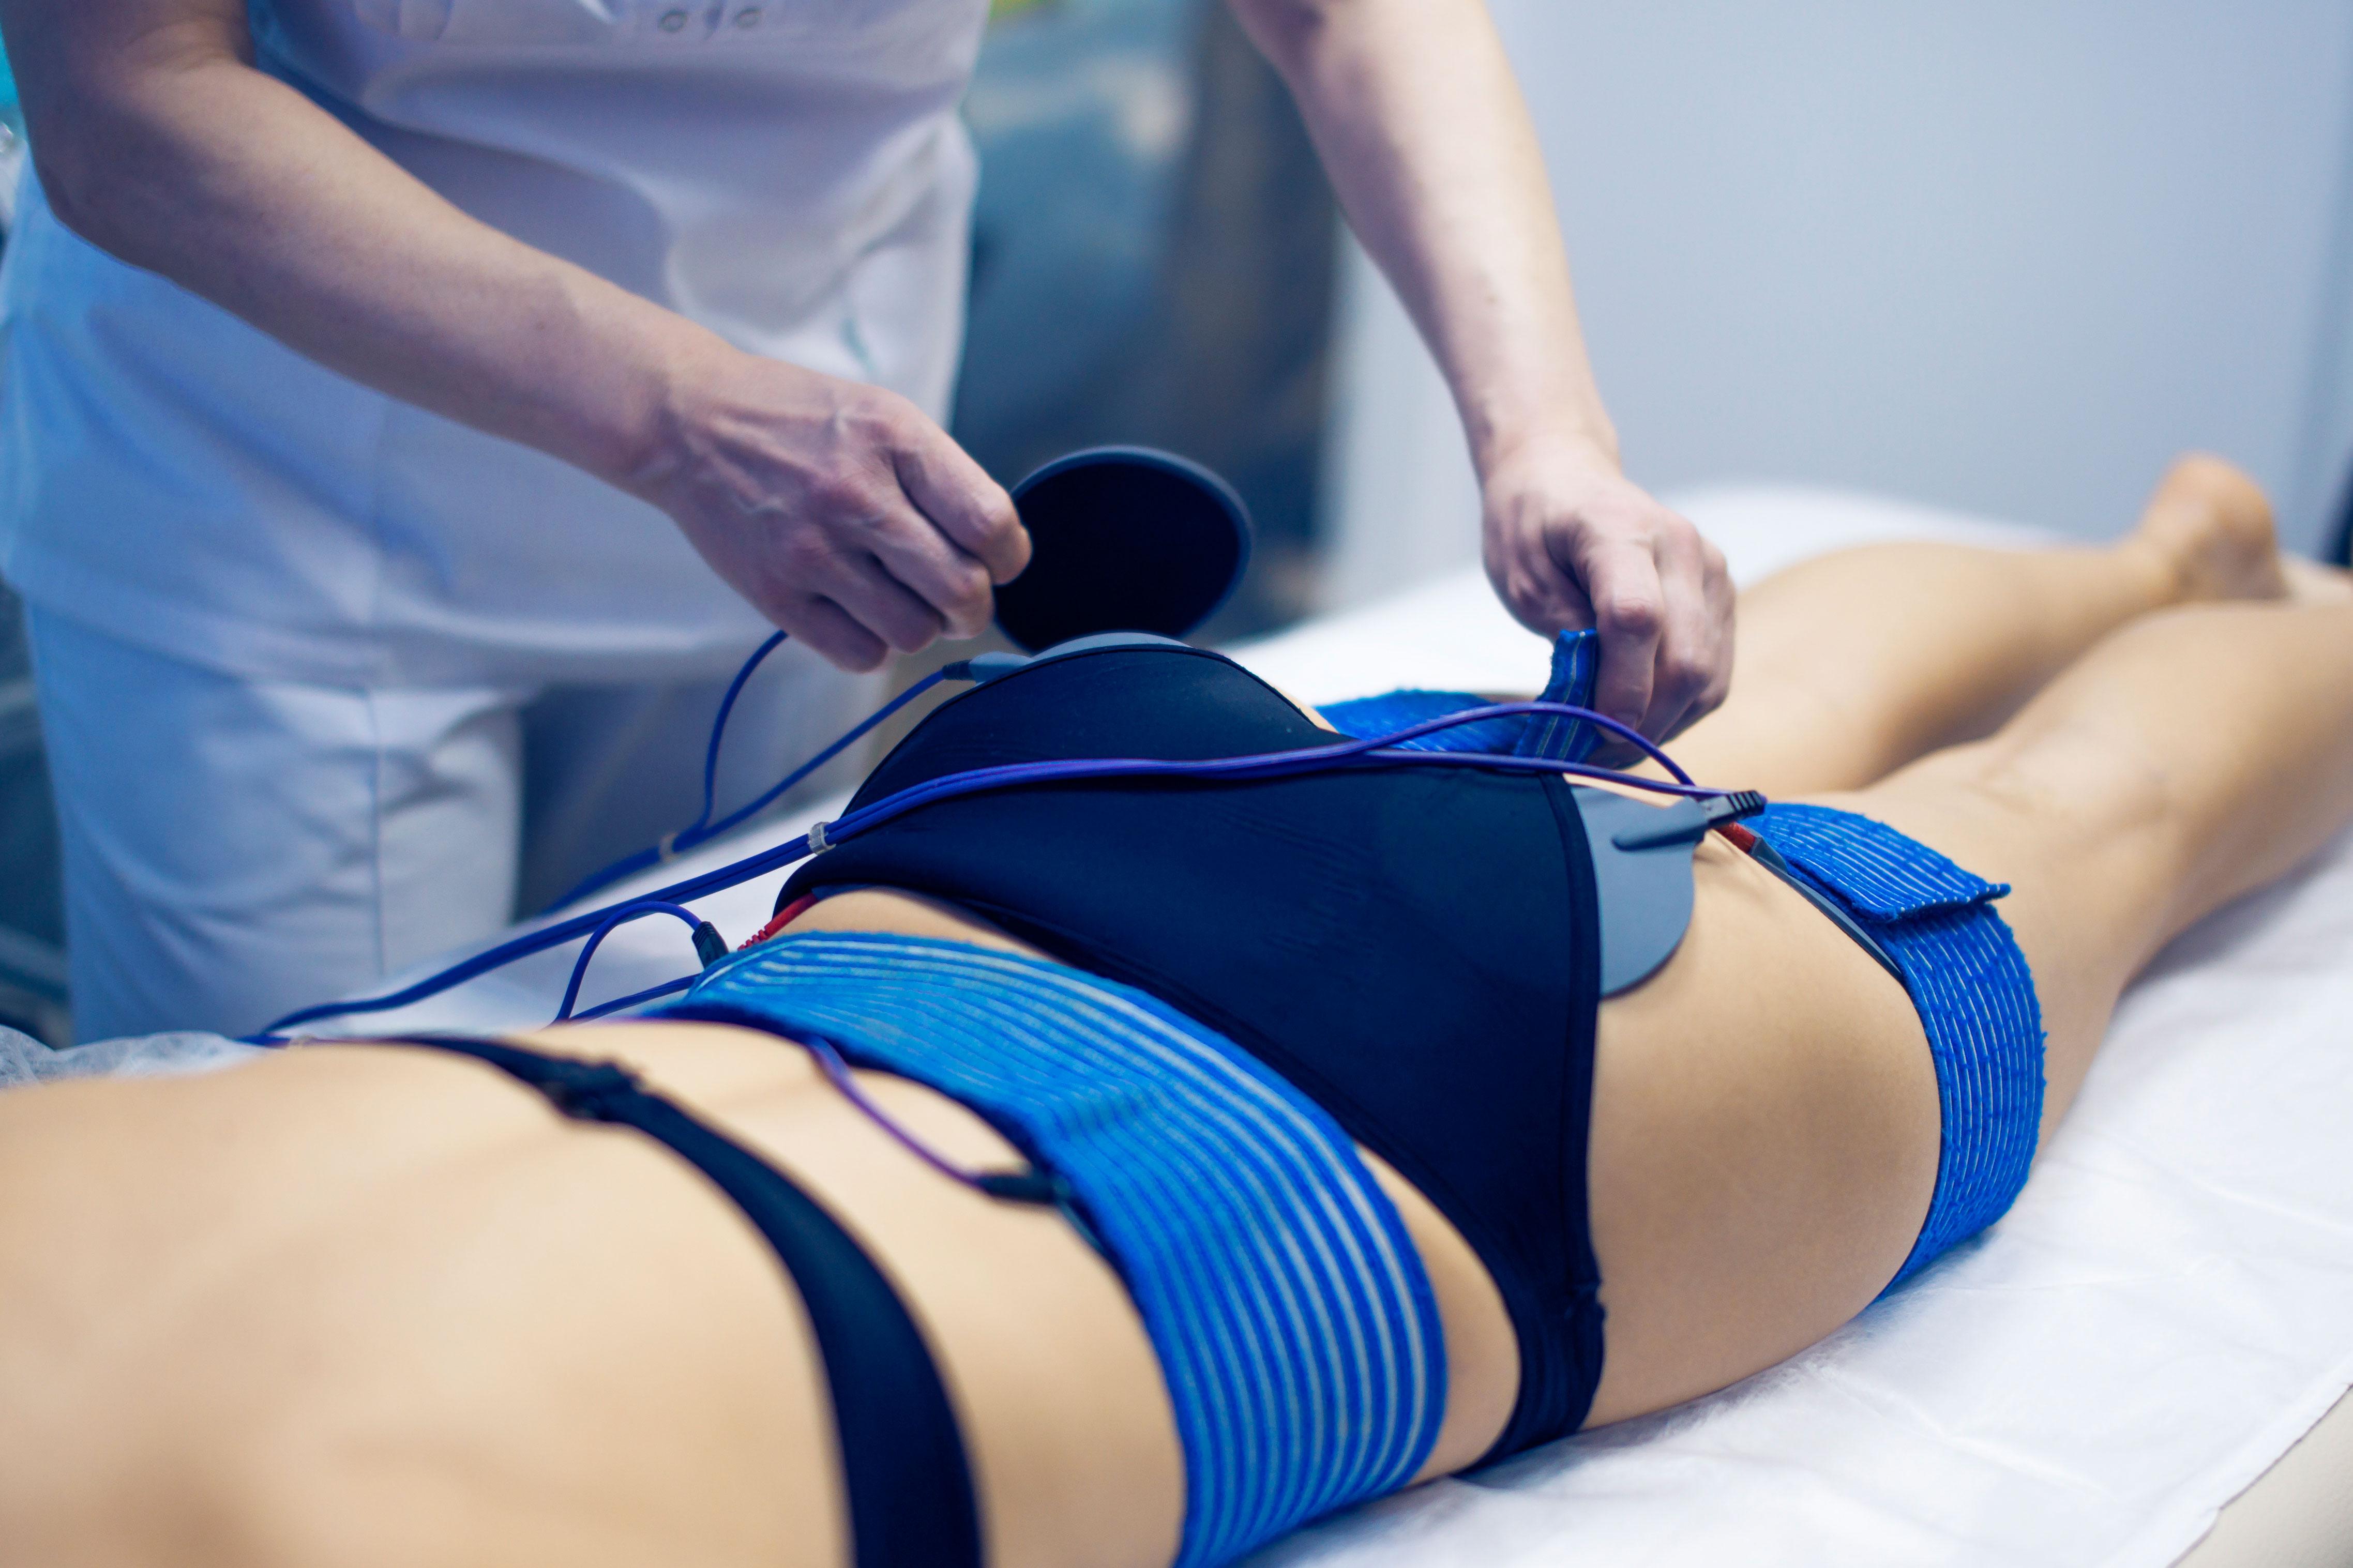 Миостимуляция - что это такое, польза и вред, выбор аппарата для лица или тела, продолжительность сеанса